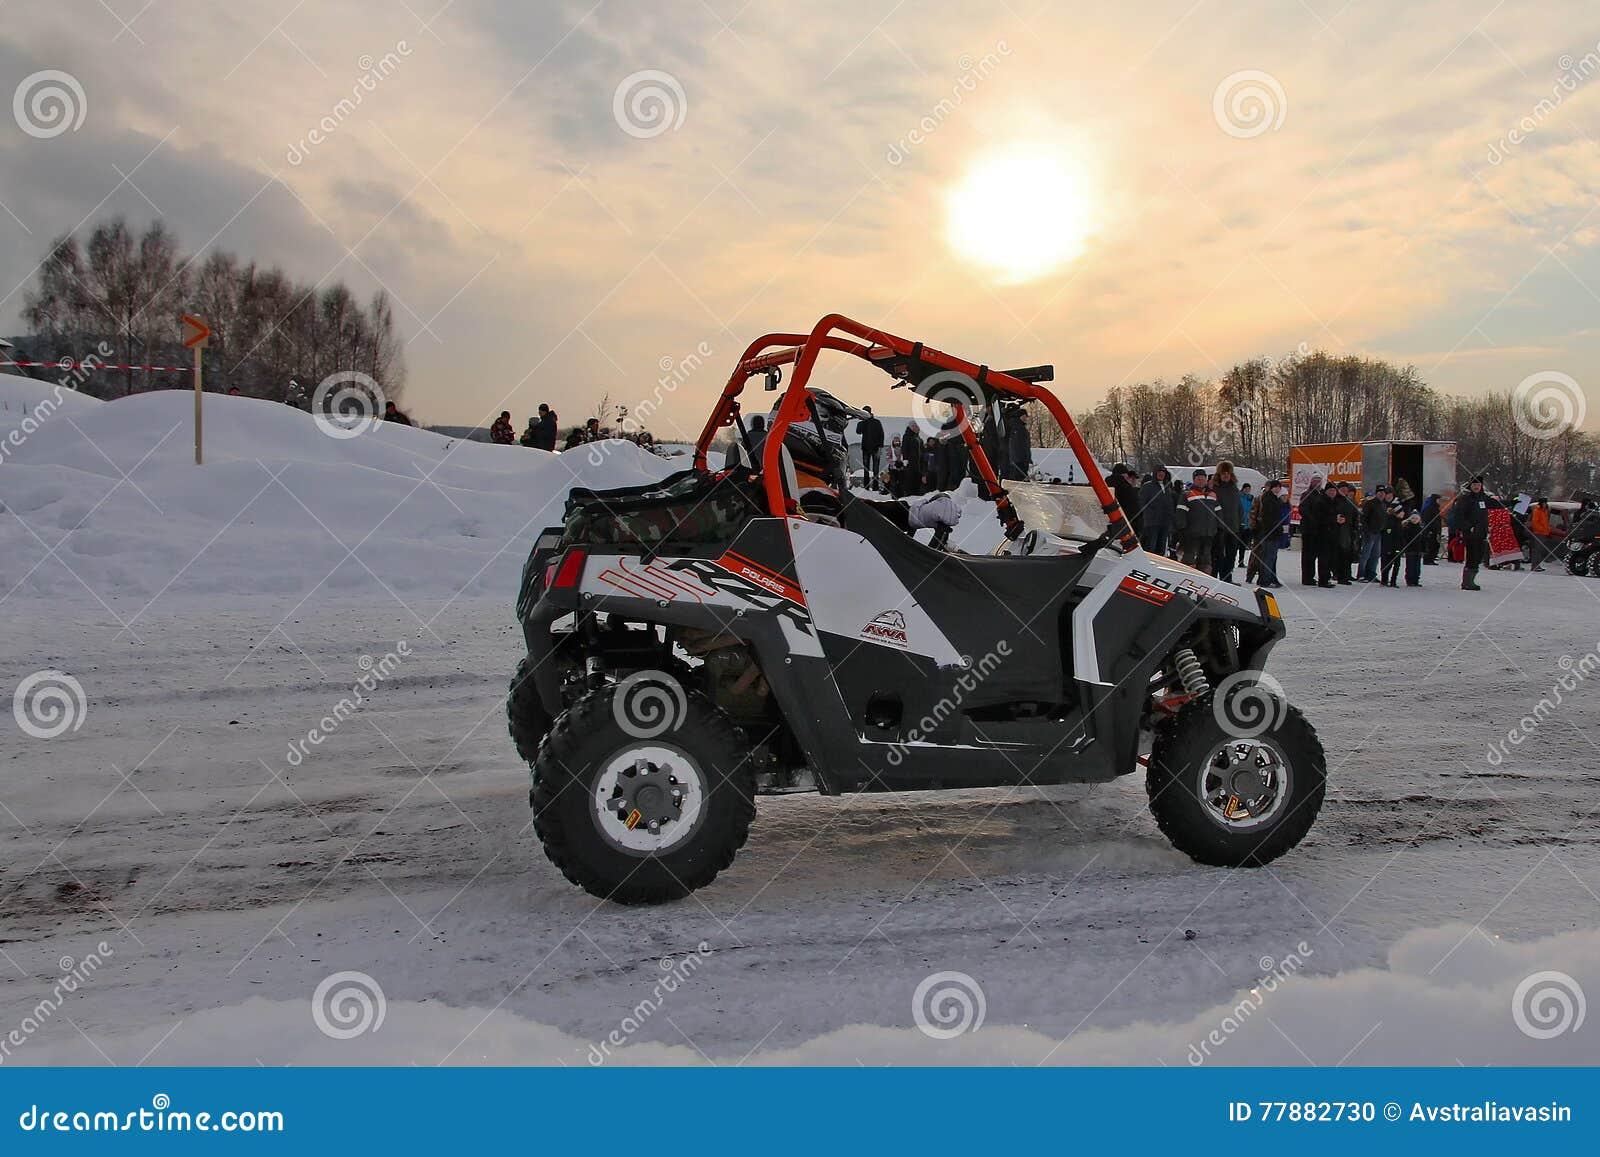 Competir Con ATV Imagen editorial